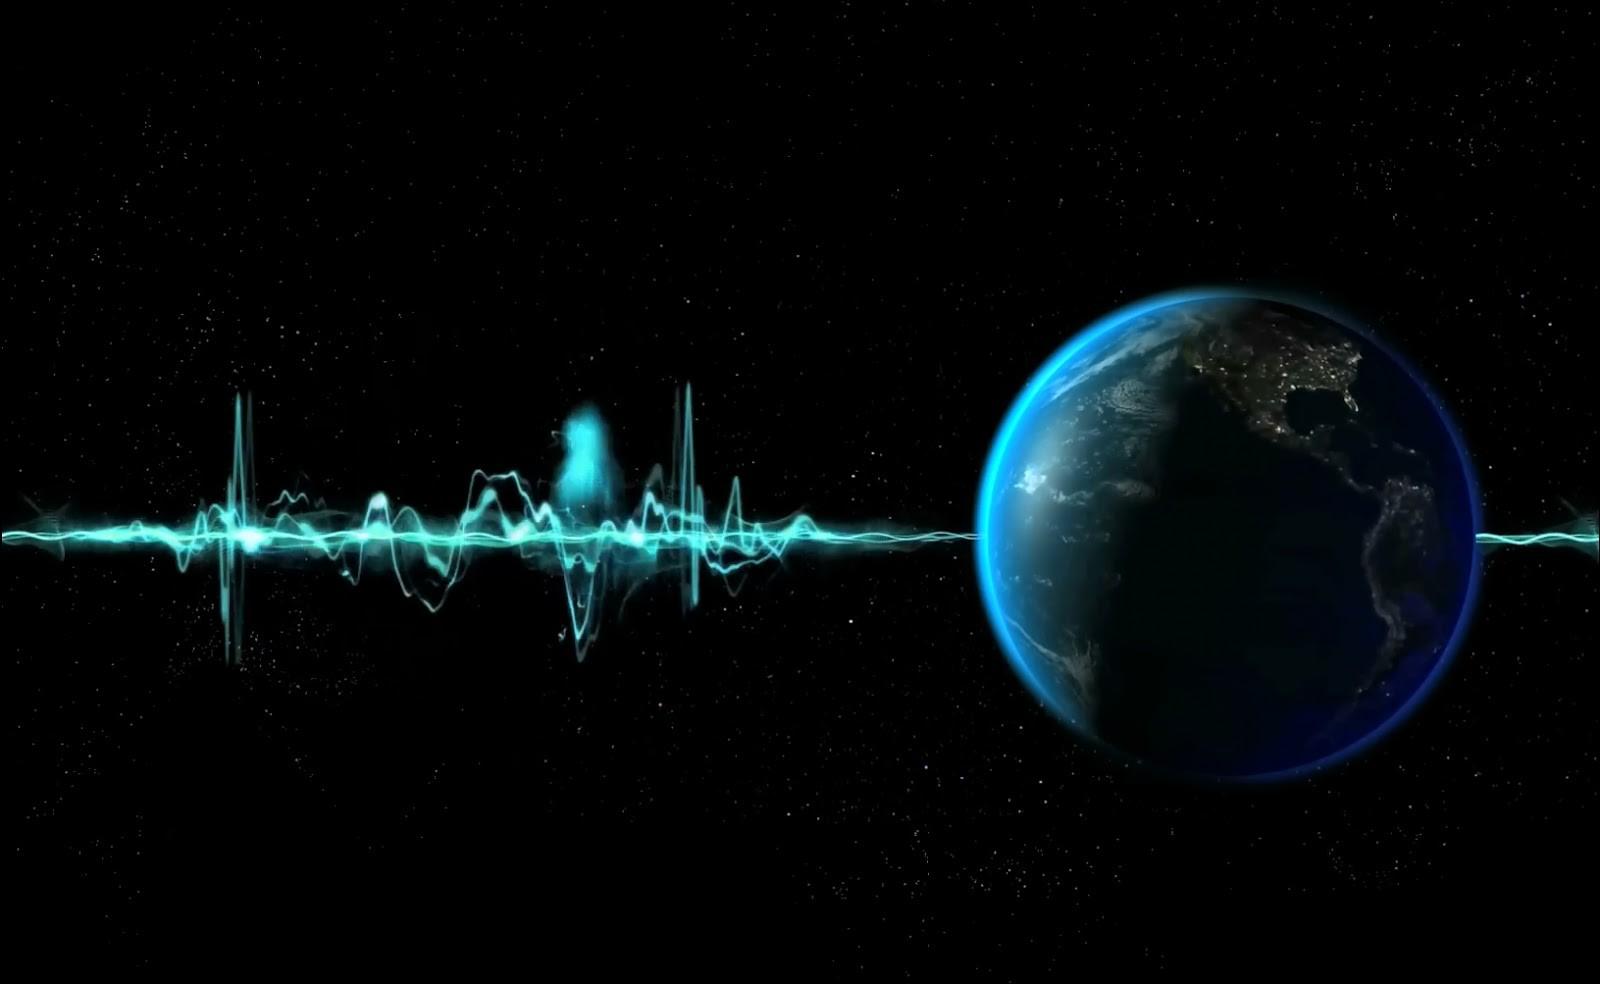 картинки грохот вселенского масштаба услышали с земли вышедших моды